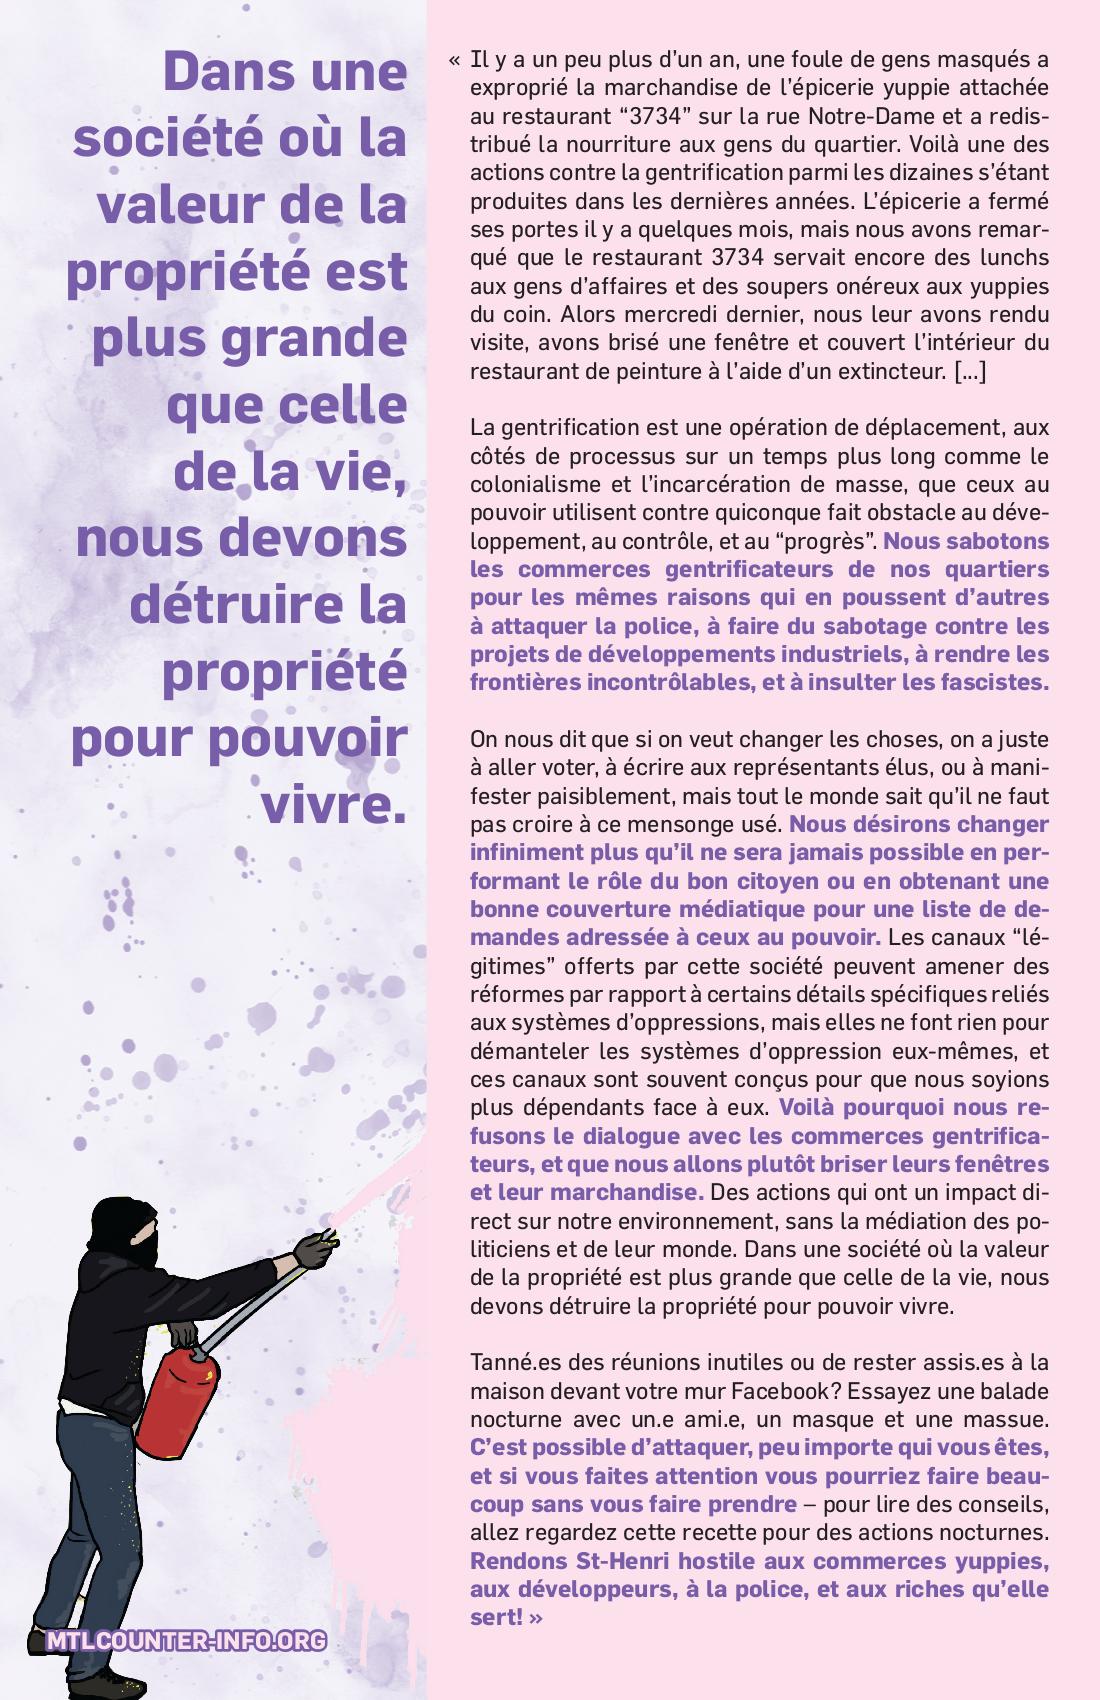 """Action de dégentrification contre """"3734"""""""